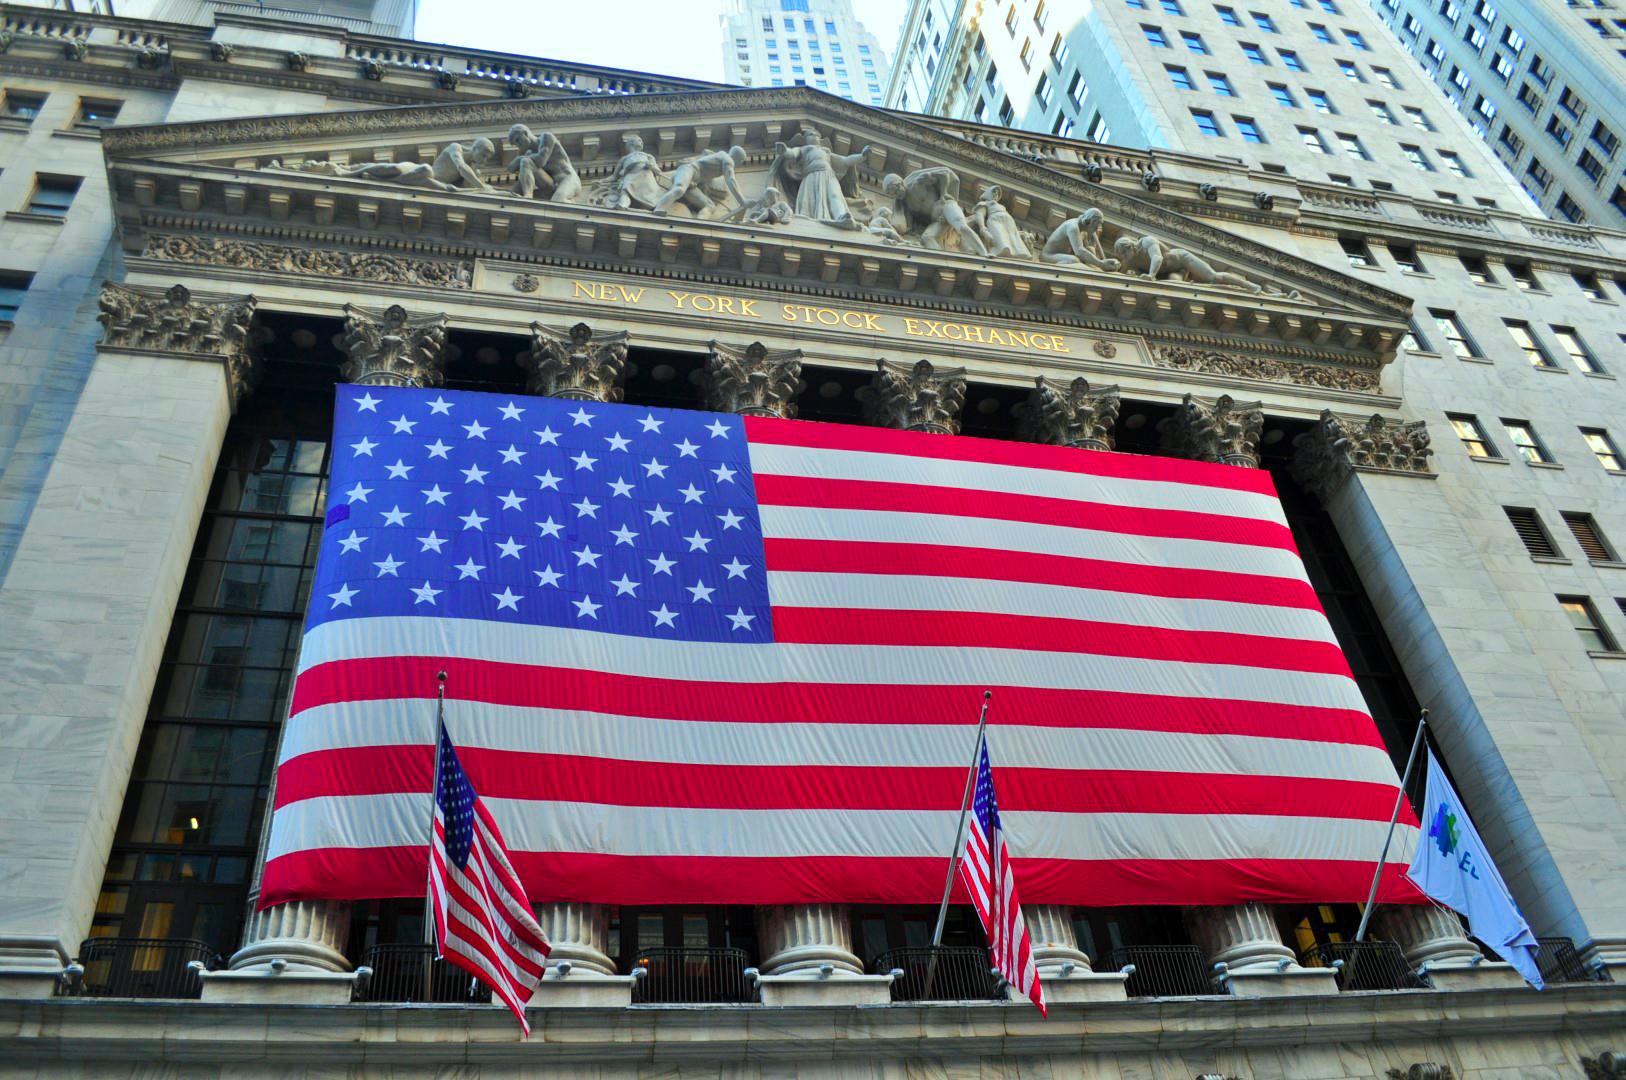 Qué hacer y ver en Nueva York qué hacer y ver en nueva york - 31142705455 4815656f76 o - Qué hacer y ver en Nueva York